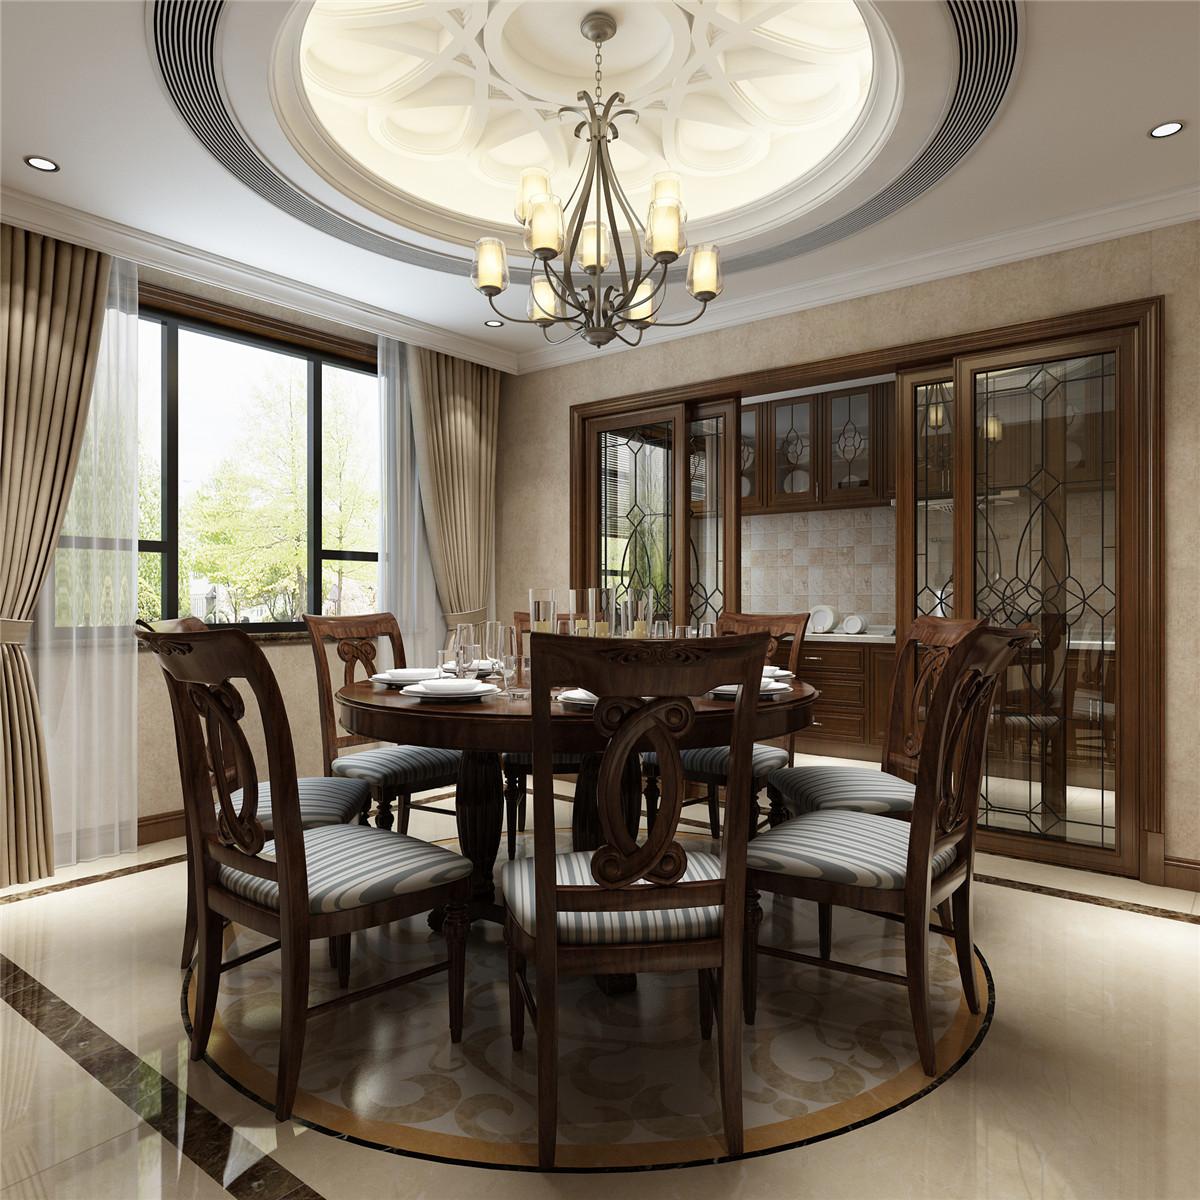 5室5卫3厅580平米新中式风格